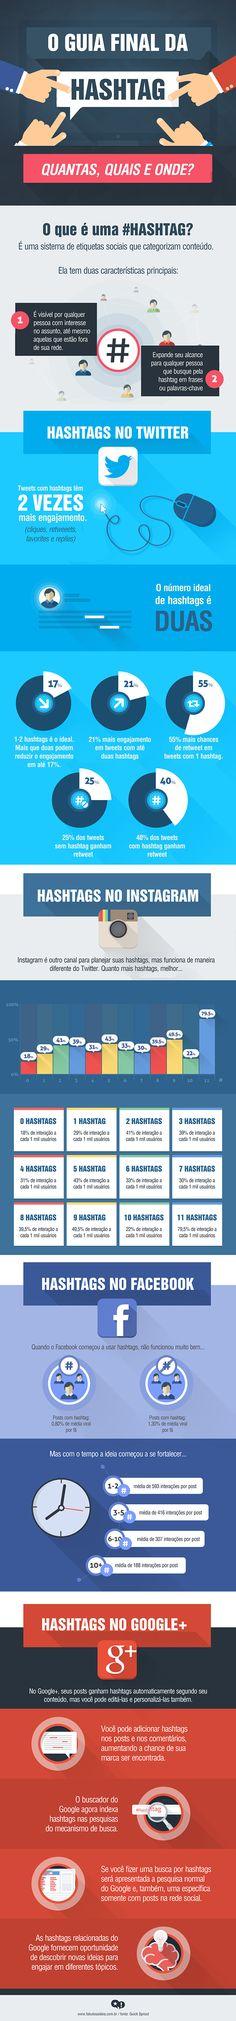 O Guia das Hashtags: Como usá-las da melhor forma em cada canal social (infográfico)